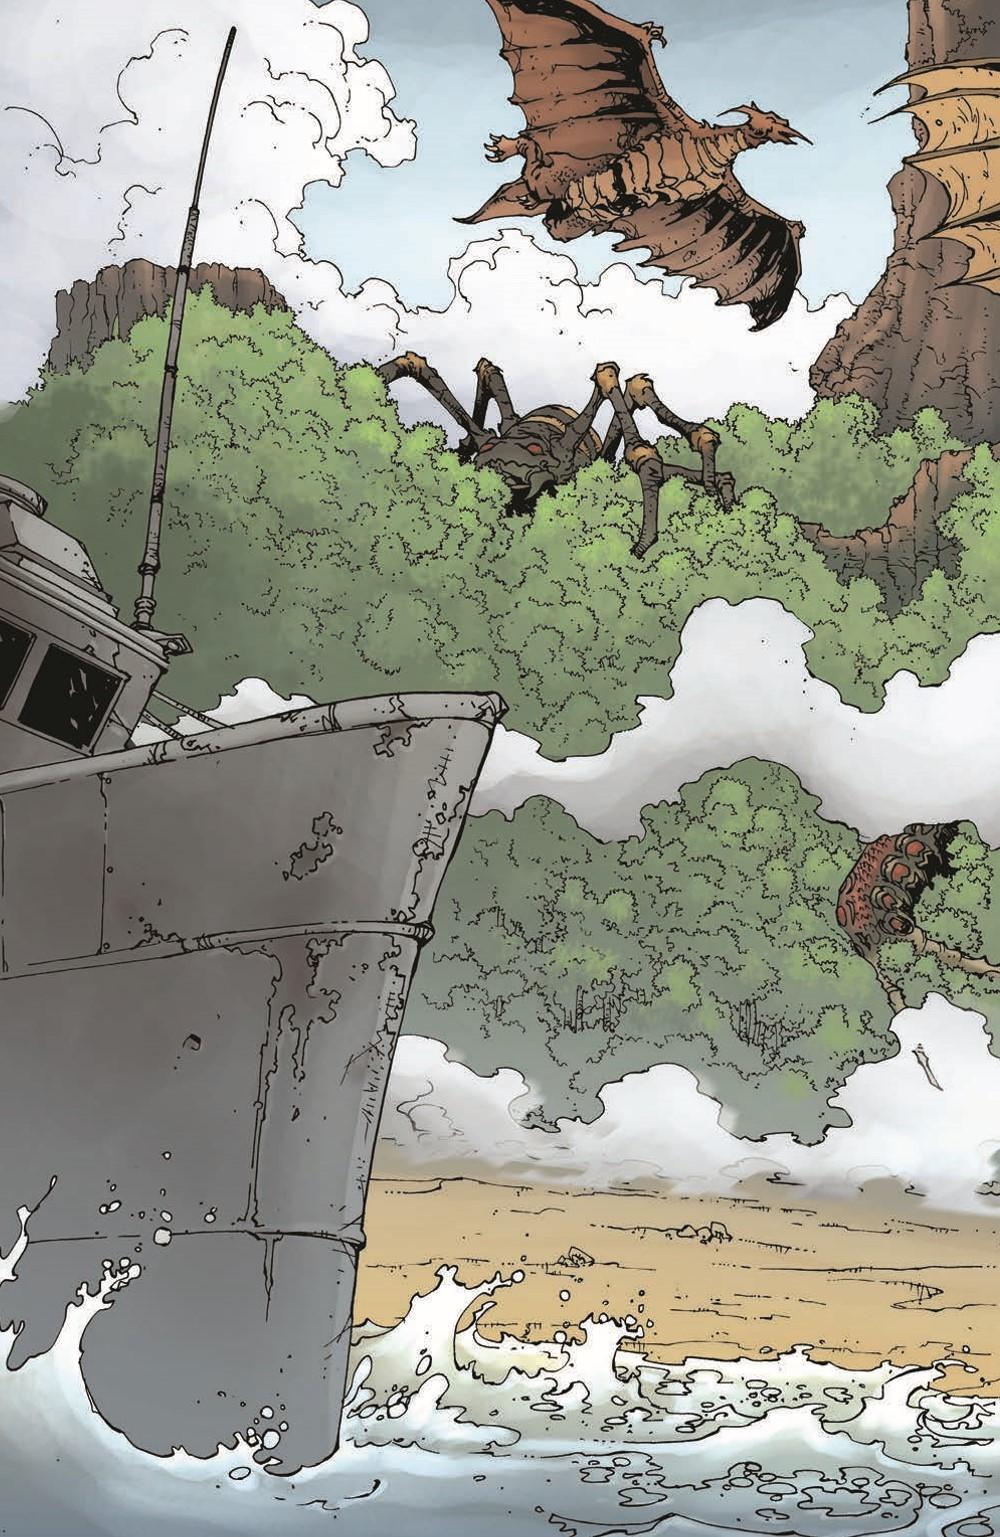 Godzilla_WOM_TPB_pr-6 ComicList Previews: GODZILLA WORLD OF MONSTERS TP